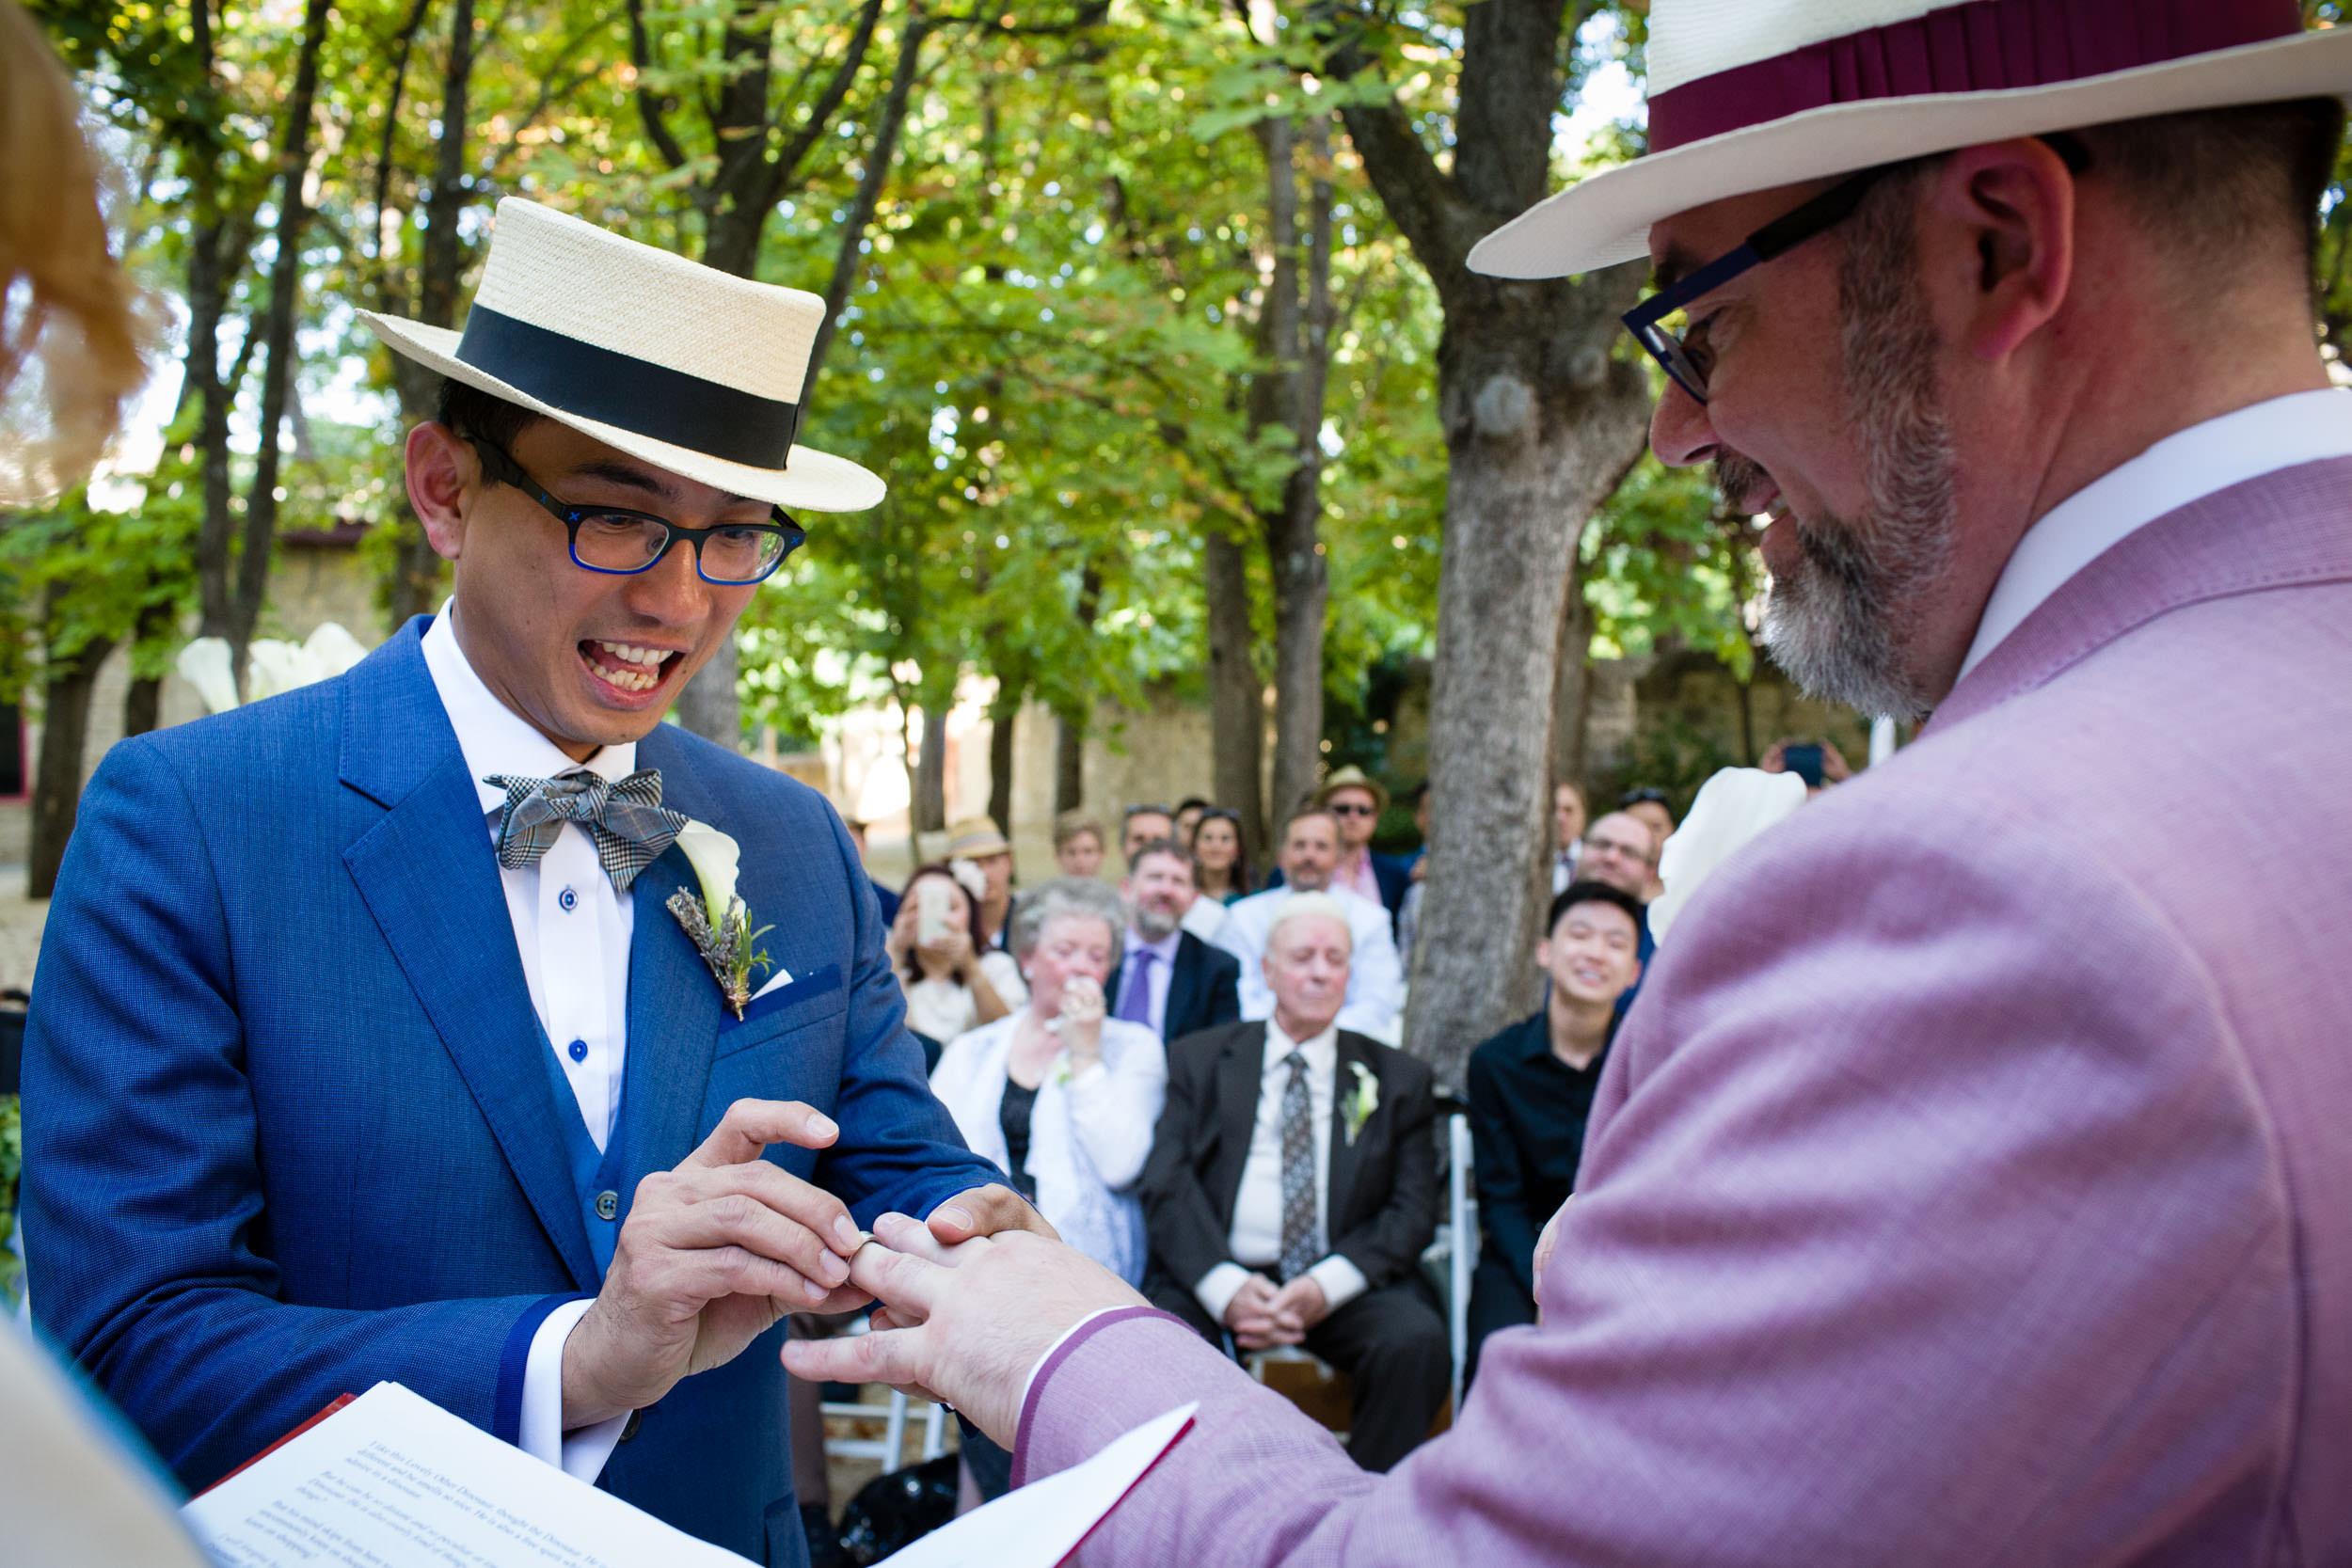 Fotografia de boda La Rioja Pais Vasco España - James Sturcke - sturcke.org_038.jpg